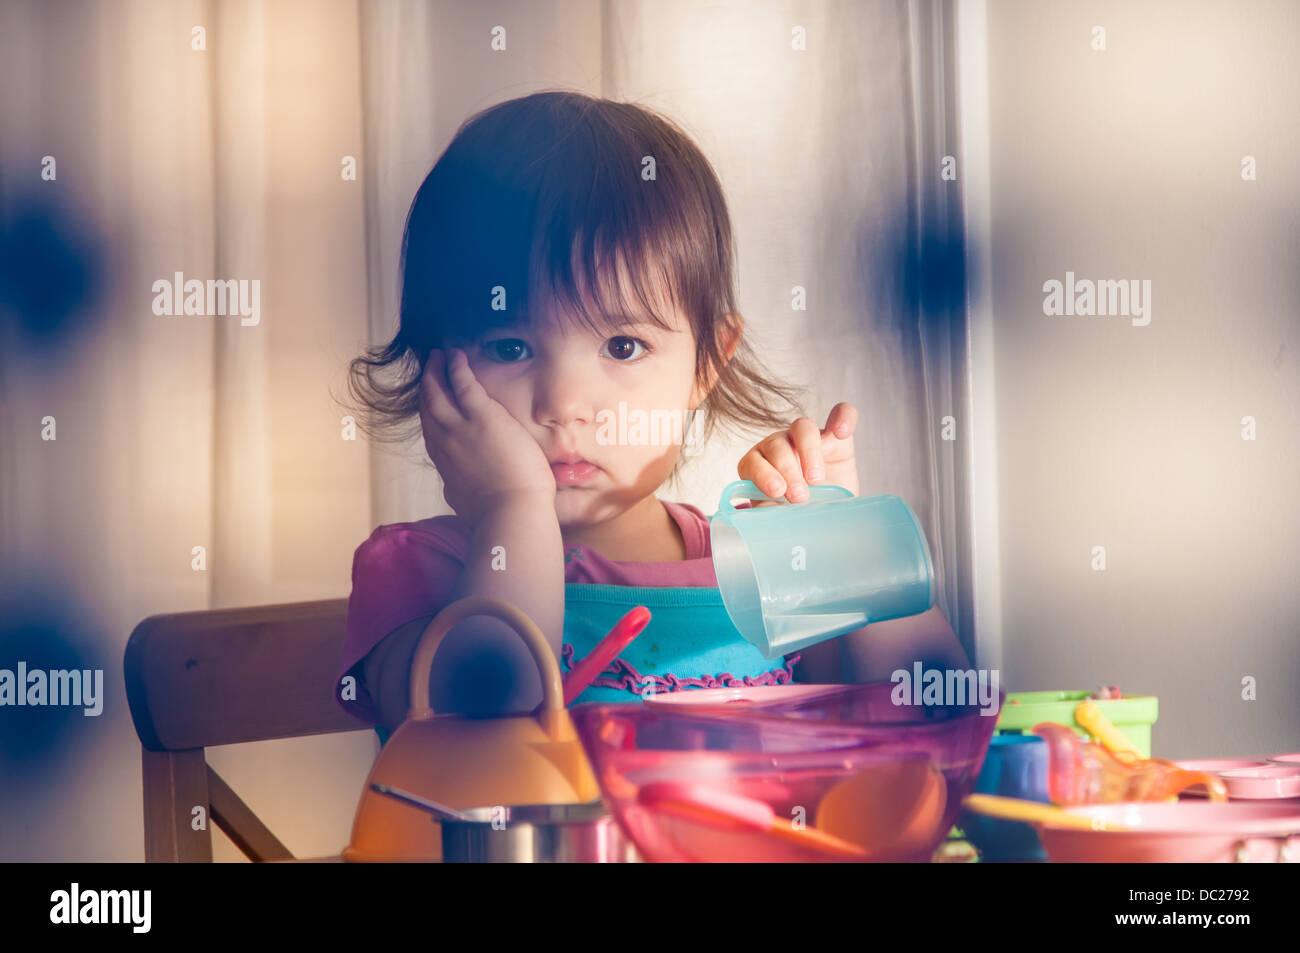 Ragazza triste giocare con giocattoli Immagini Stock